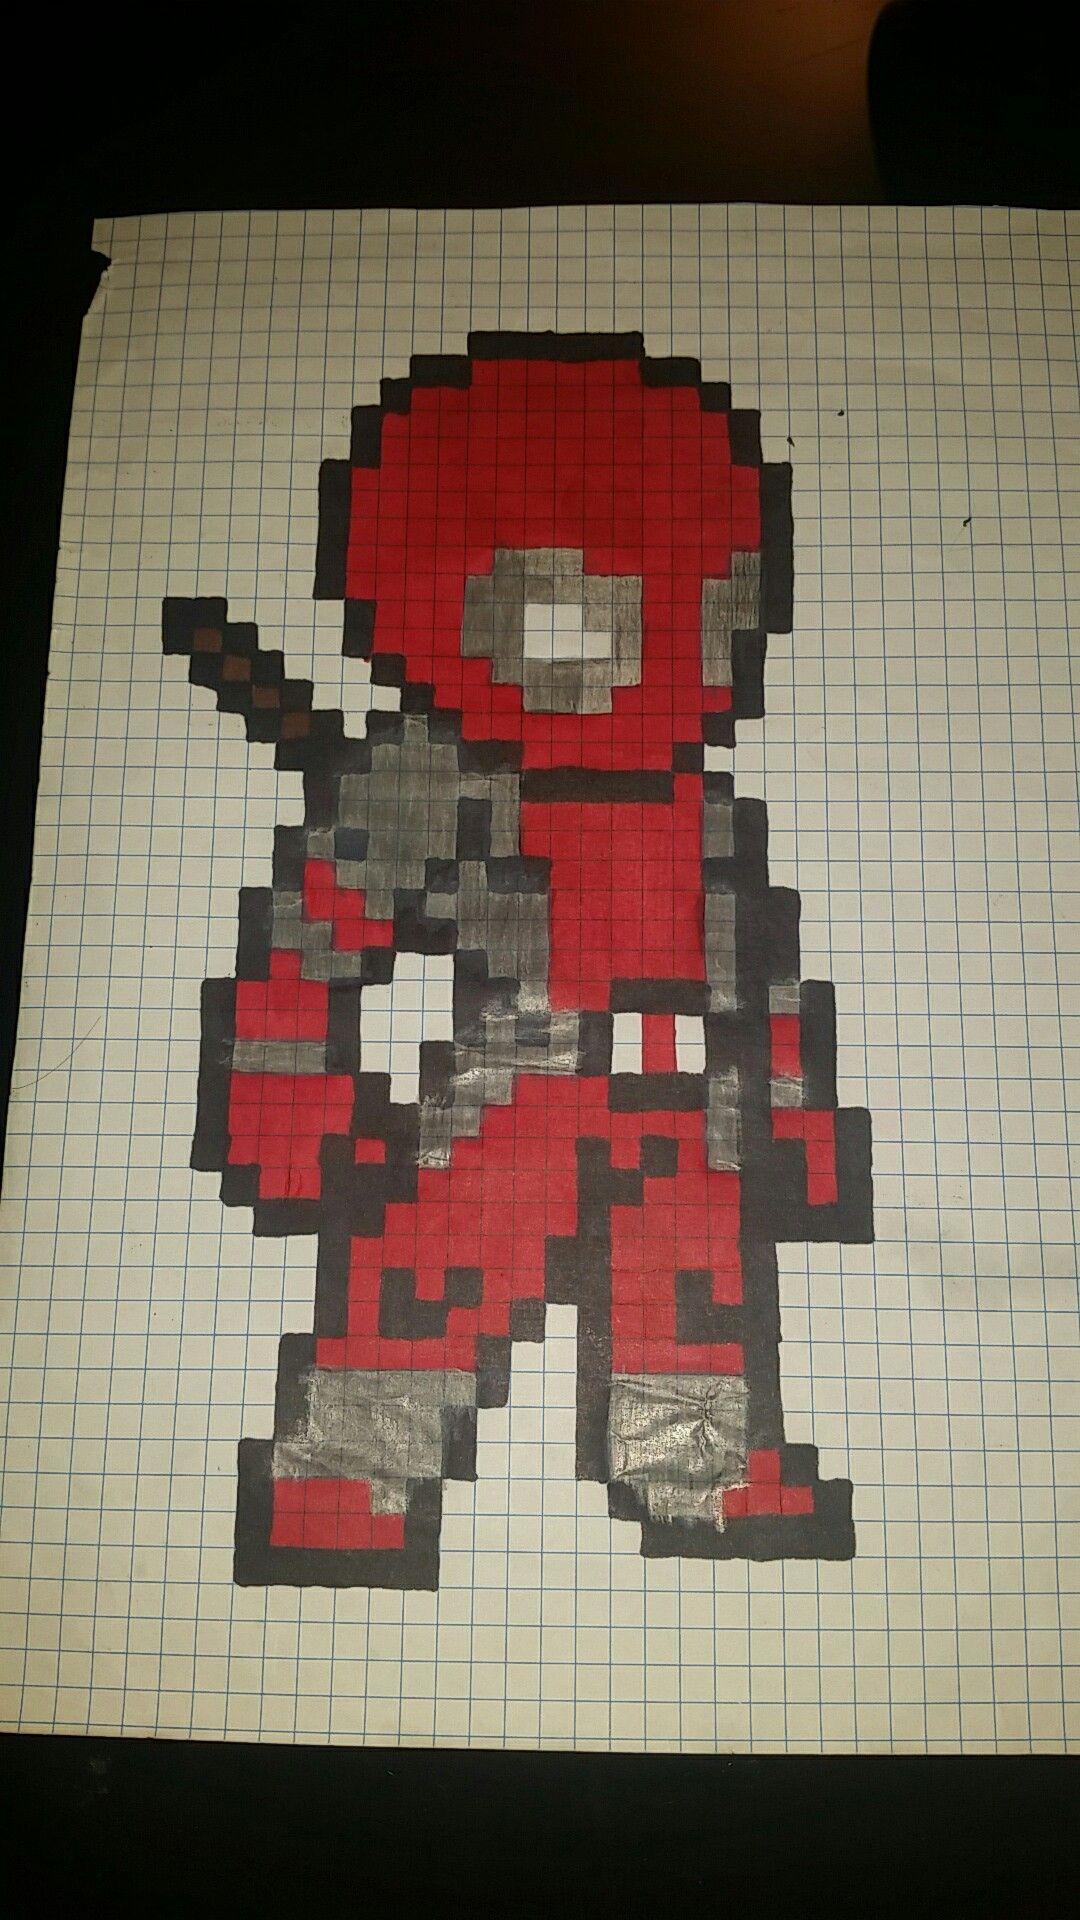 Deadpool Pixel Art Dibujos En Cuadricula Patrón De